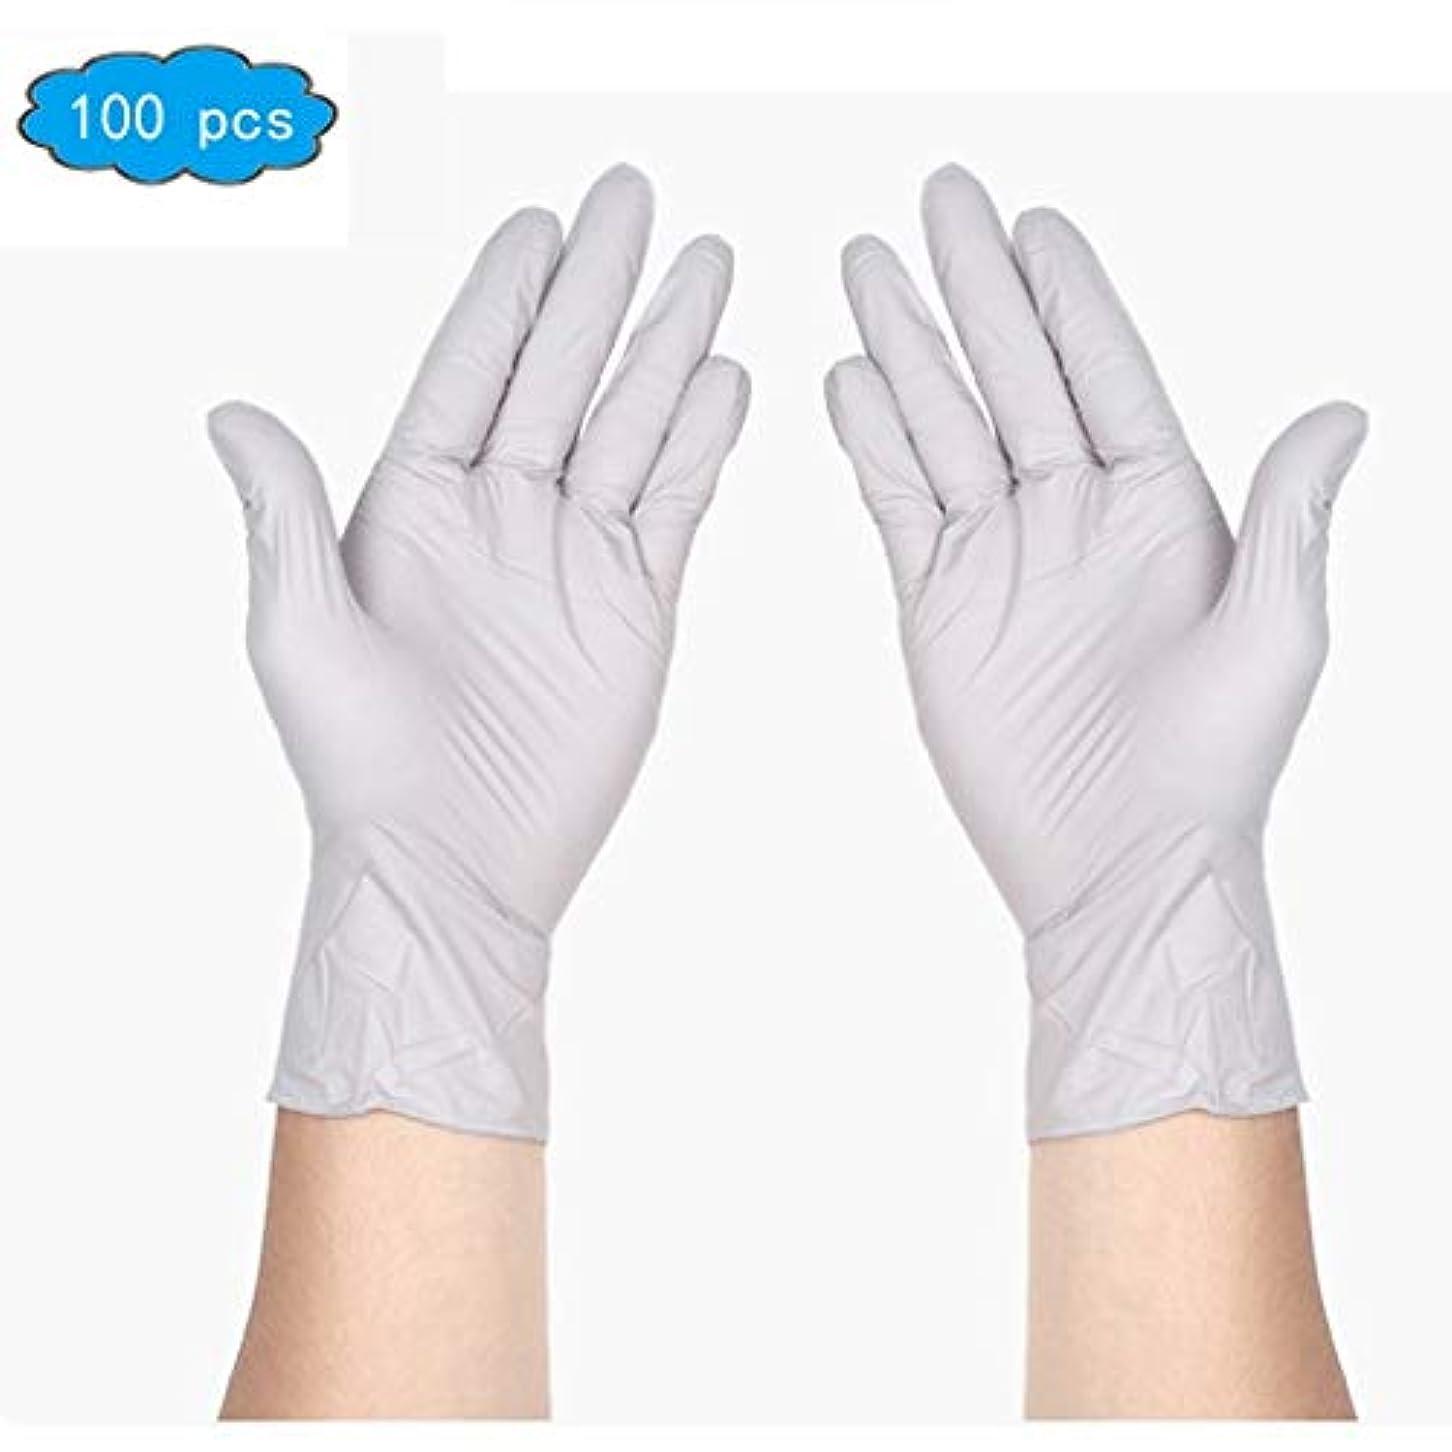 エキゾチックトランク拳ニトリル試験用手袋 - 医療用グレード、パウダーフリー、ラテックスラバーフリー、使い捨て、非滅菌、食品安全、テクスチャード加工、白色、2.5ミル、便利なディスペンサー、100個入り、サニタリーグローブ (Color :...